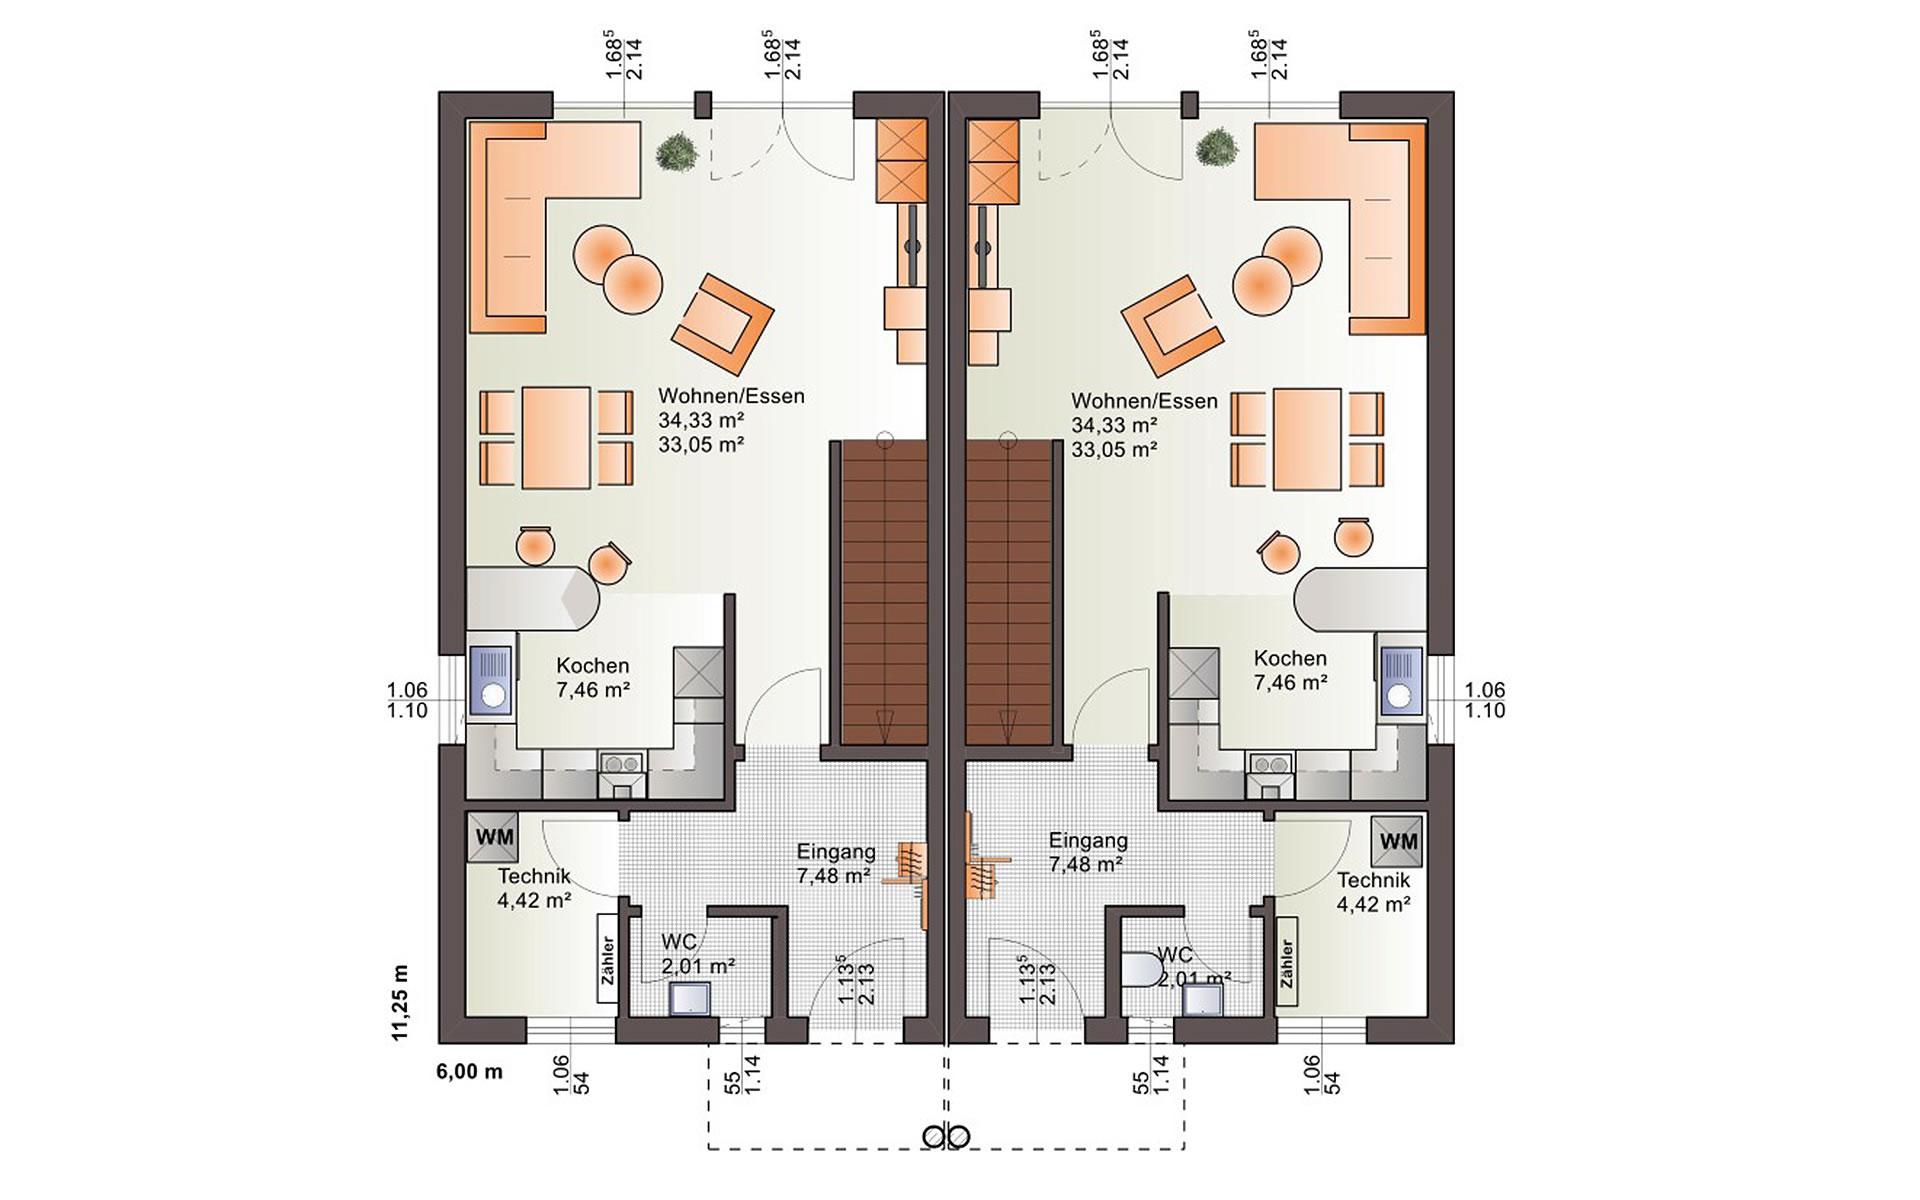 Erdgeschoss Duo 160 von Bärenhaus - das fertige Haus GmbH